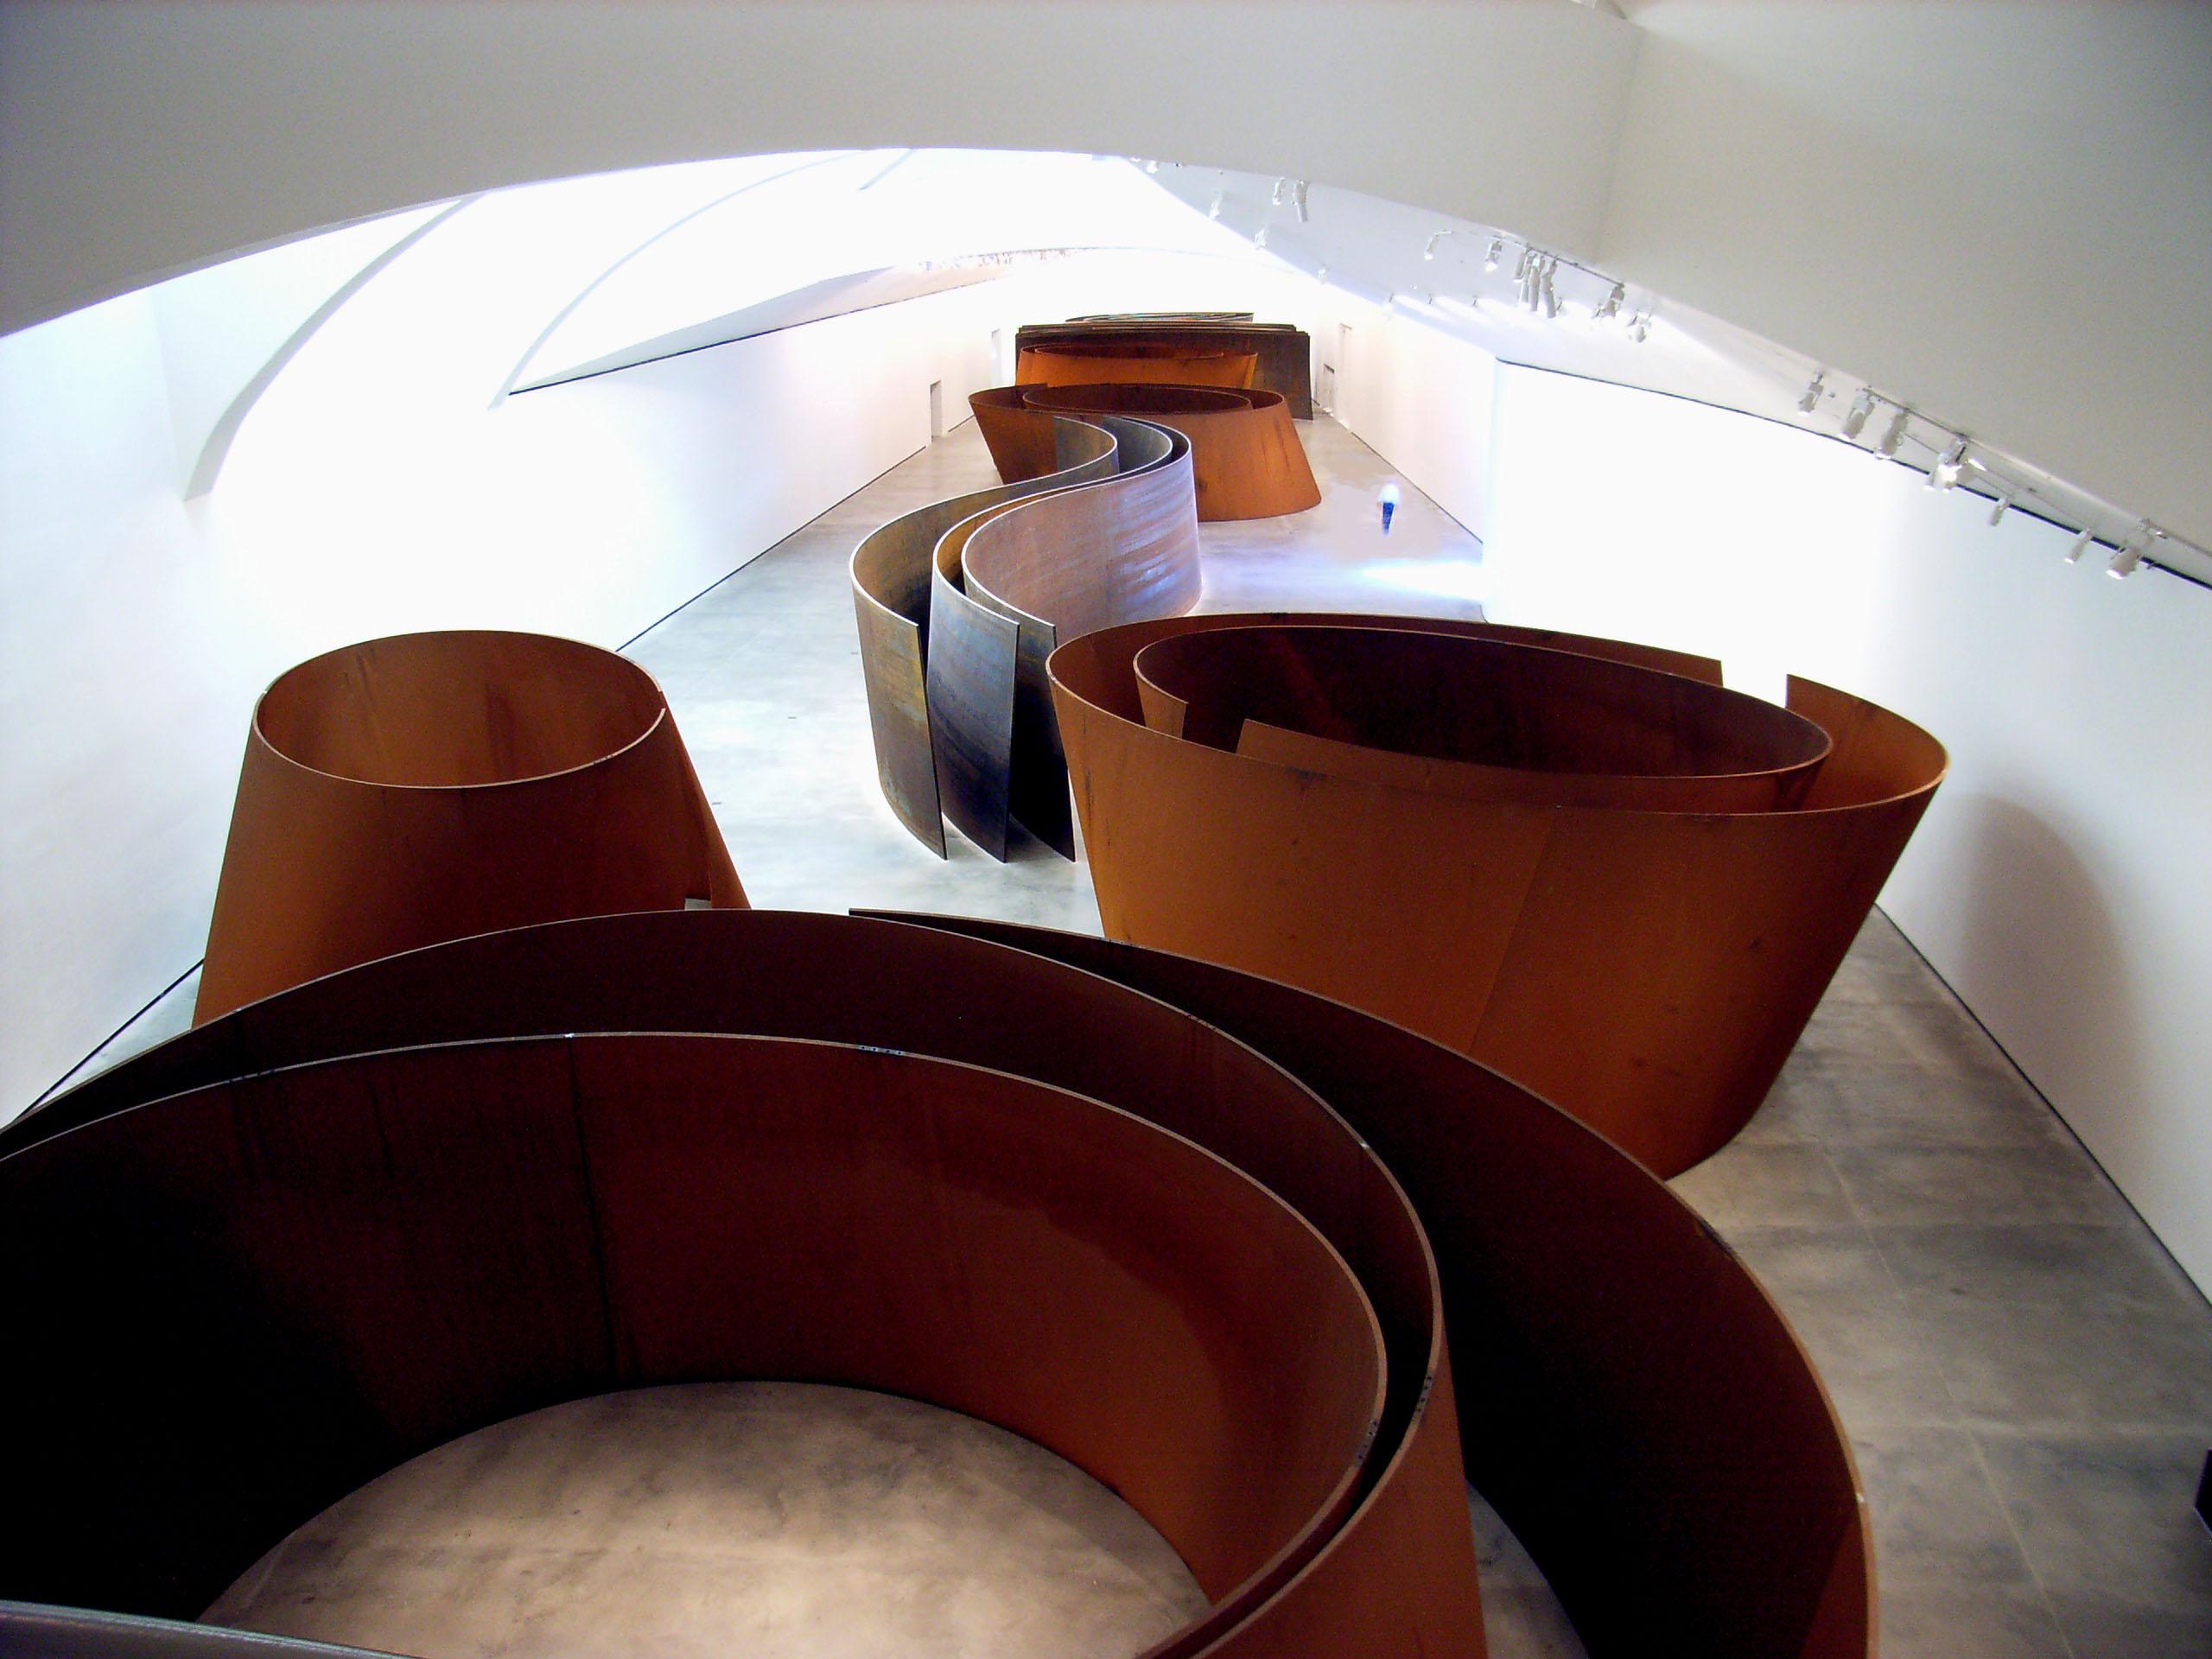 Richard Serra: The Matter of Time, Guggenheim Museum Bilbao, 2005